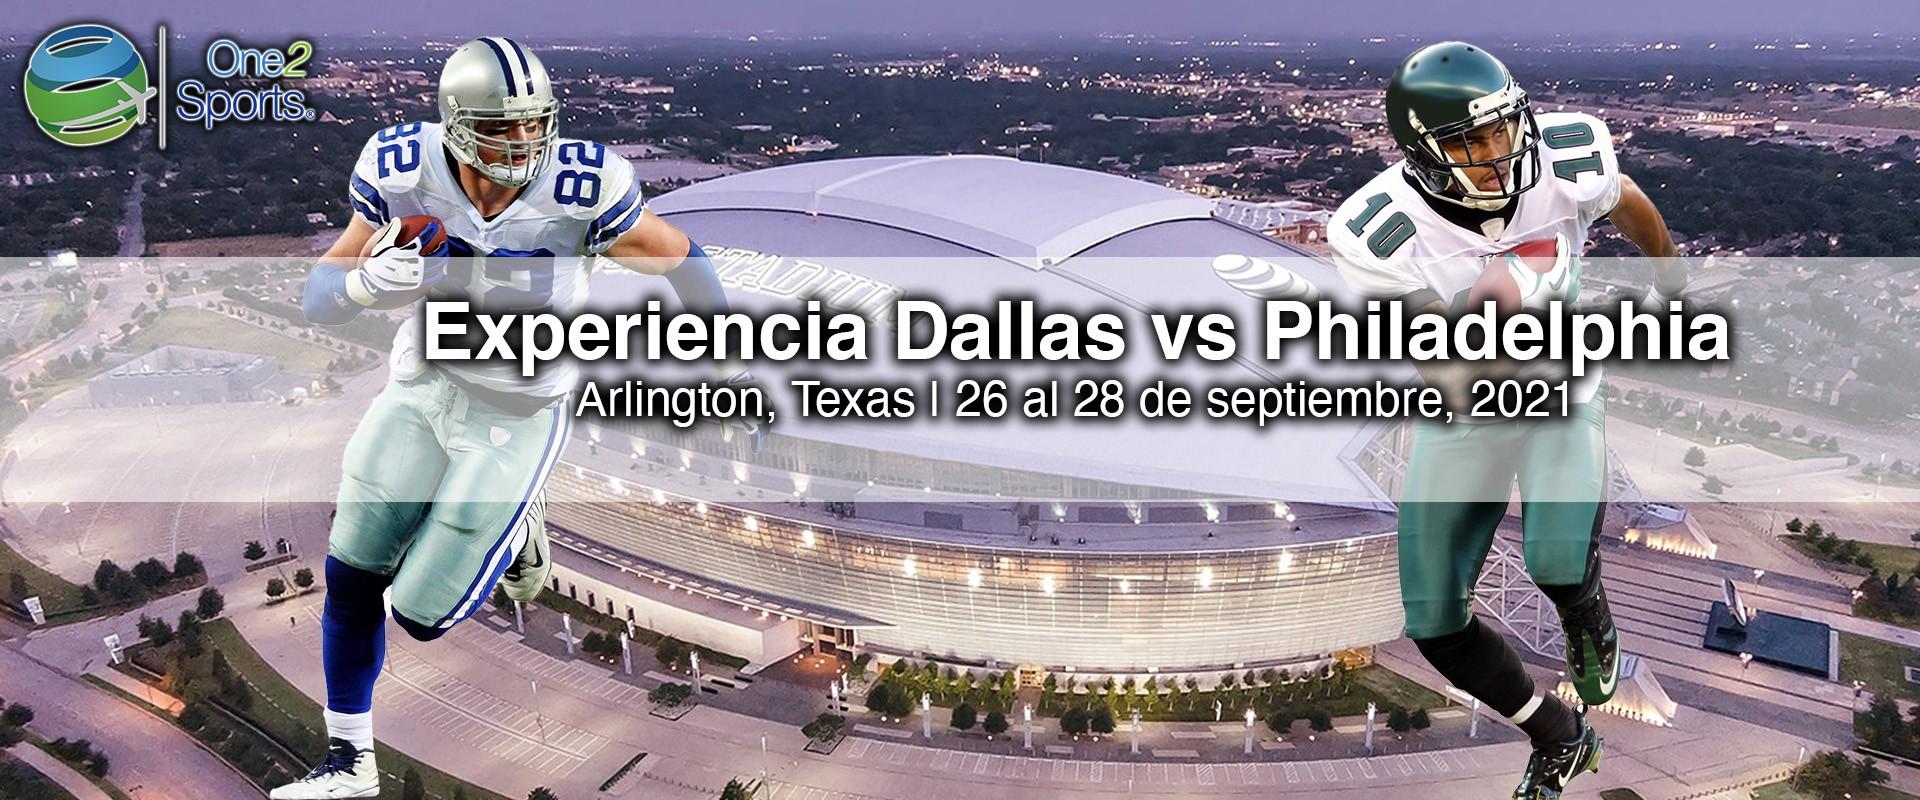 Dallas vs Philadelphia